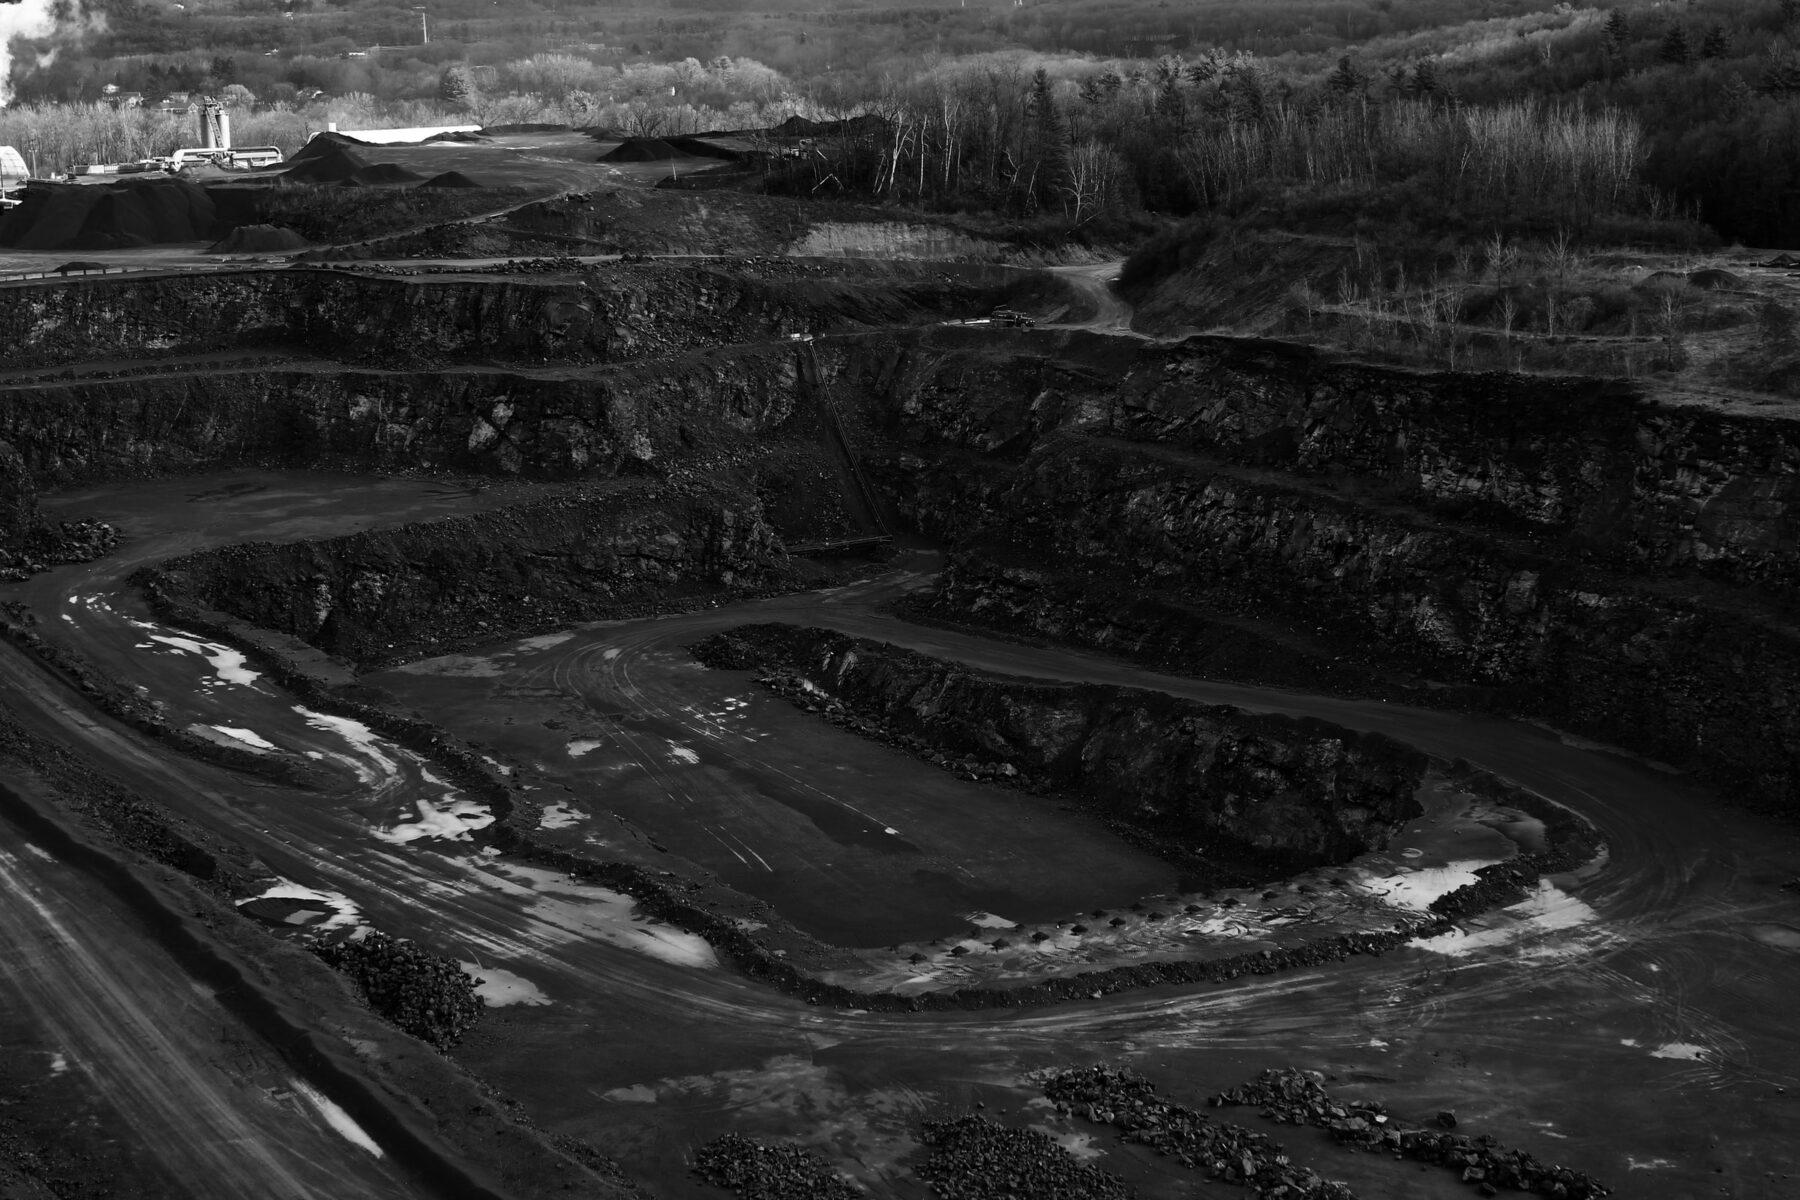 herrick obama war on coal